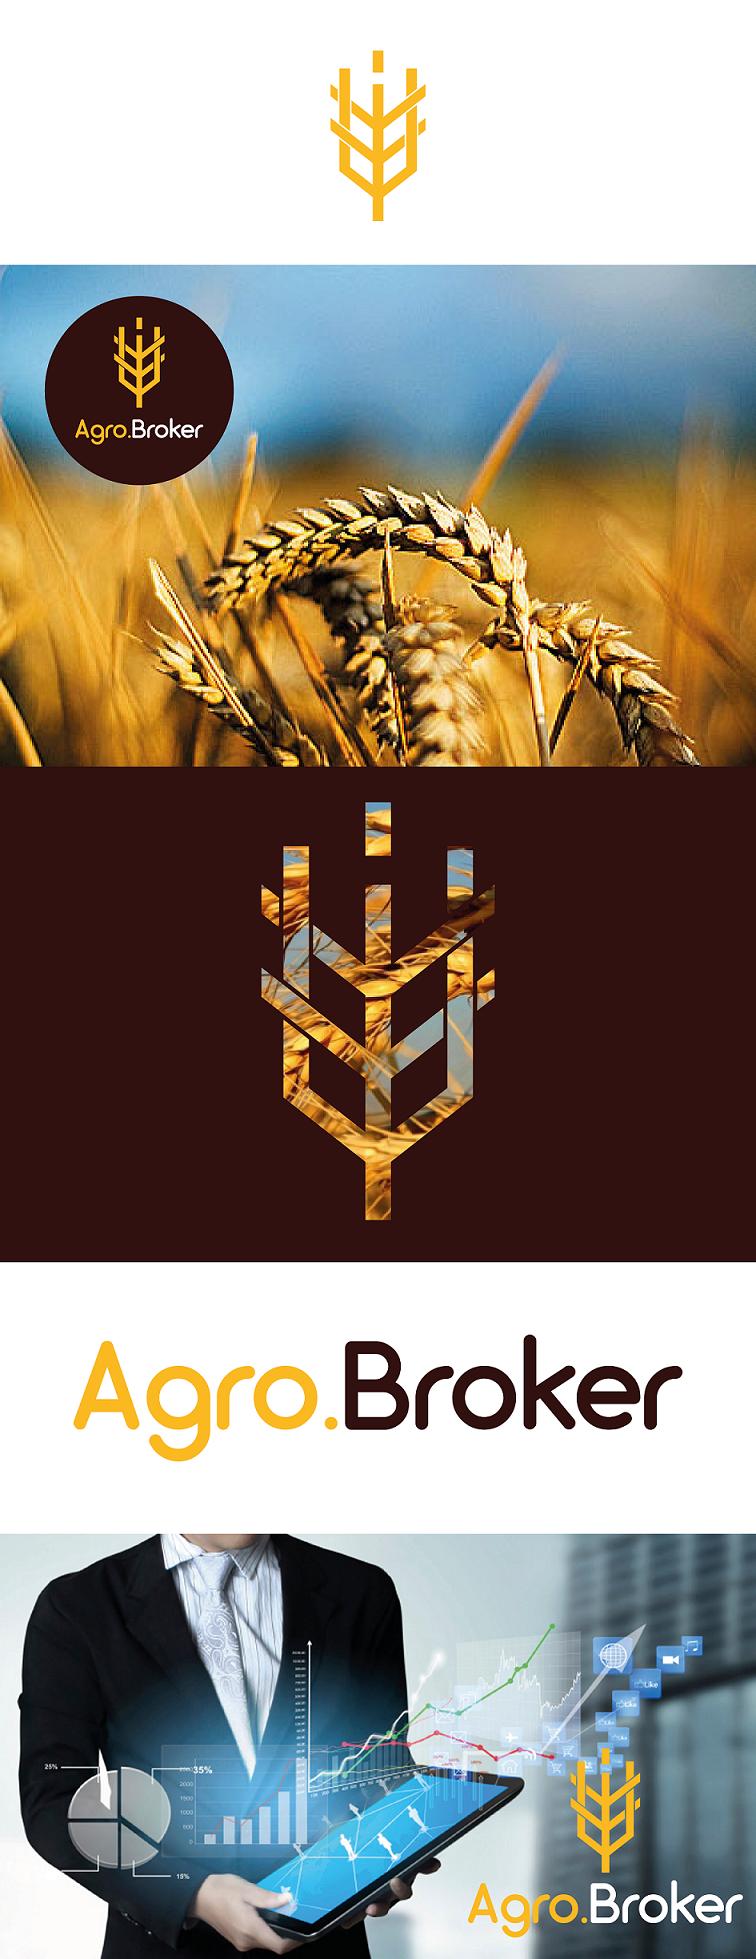 ТЗ на разработку пакета айдентики Agro.Broker фото f_720596896ae036c6.png